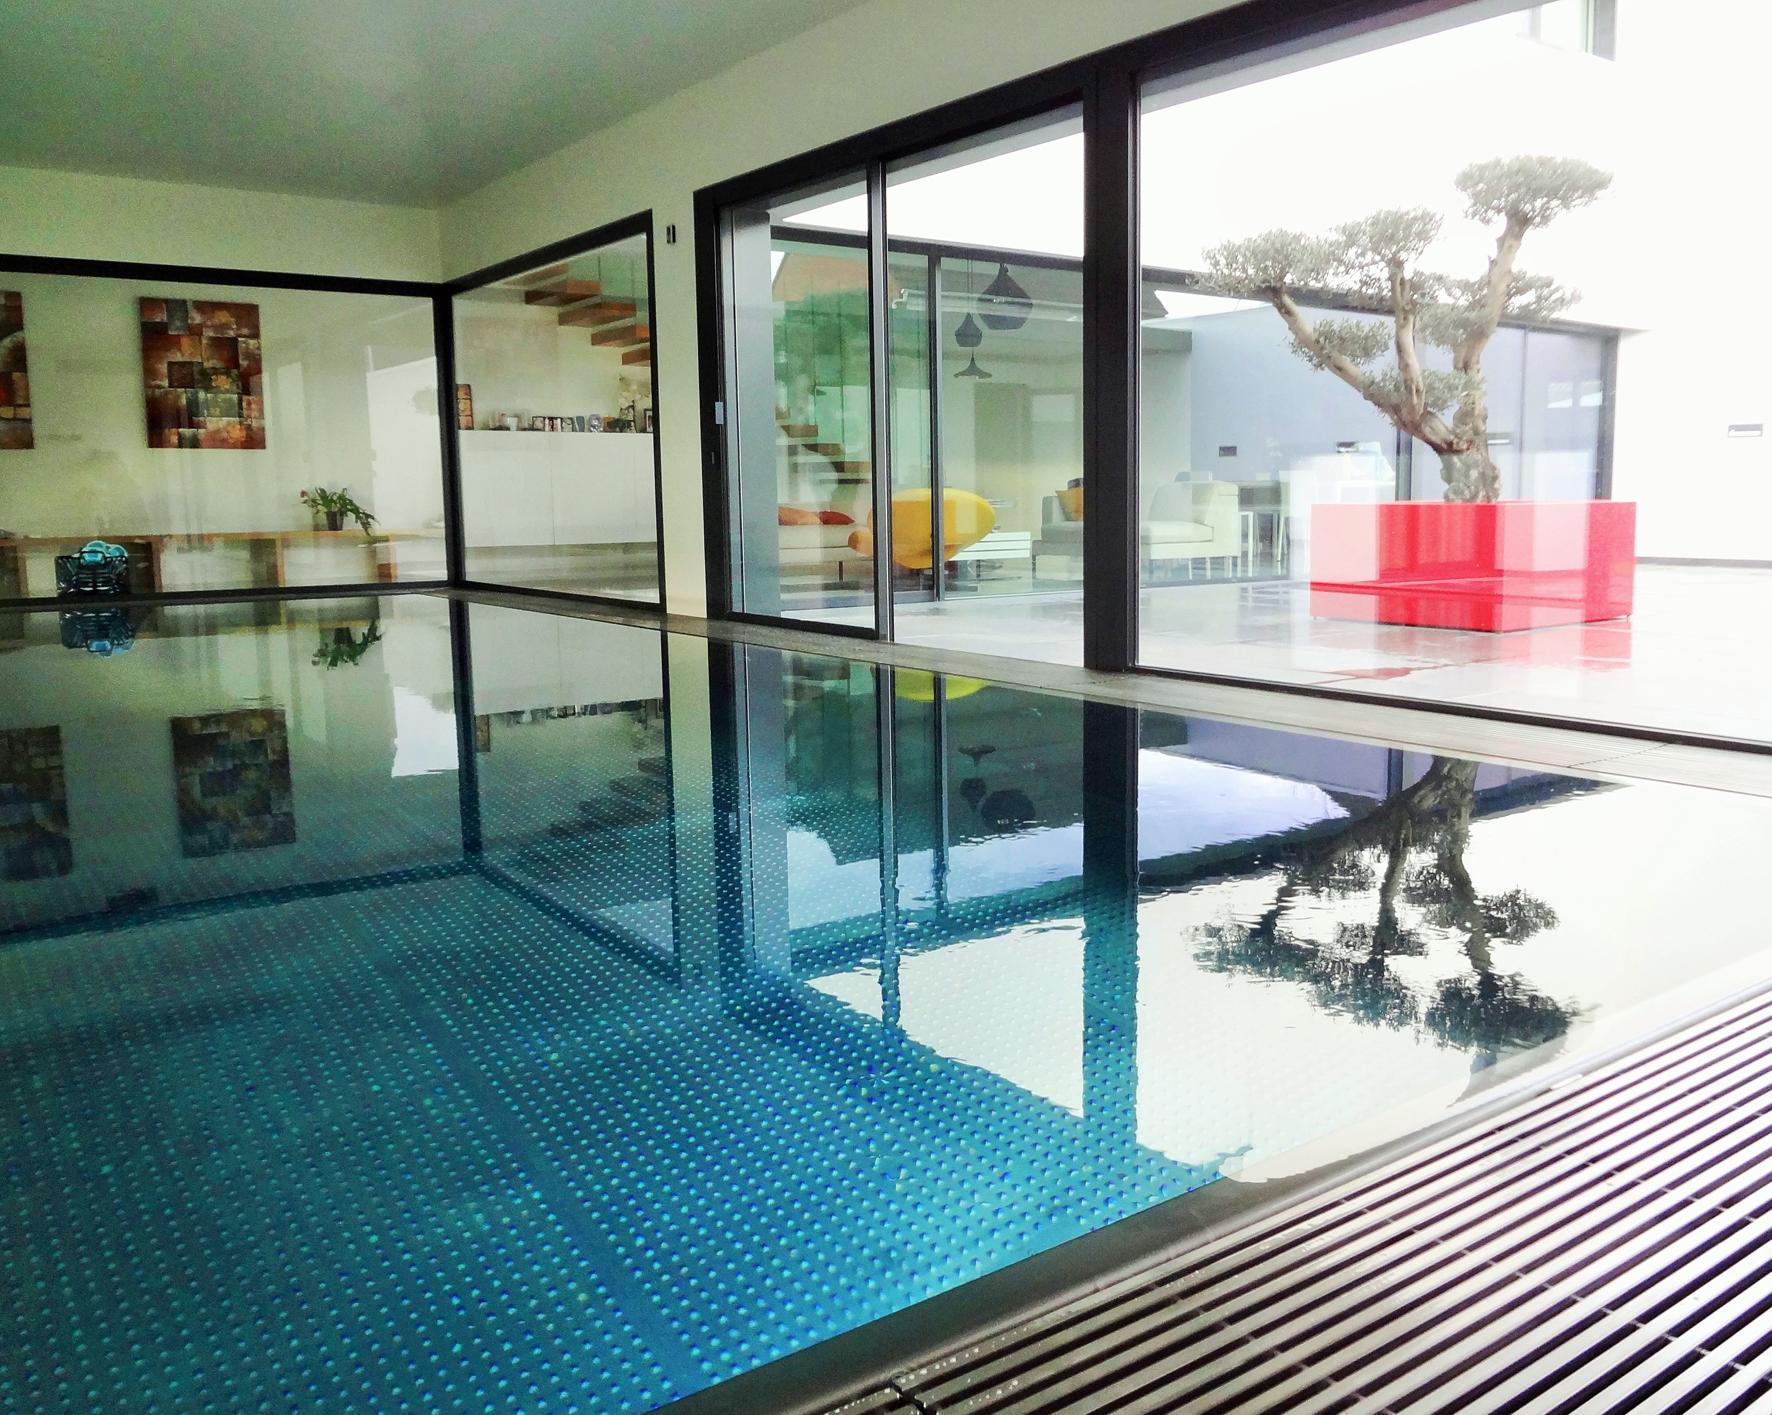 piscine d'intérieure en inox lauréate des Trophées de la piscine 2018 catégorie piscine intérieure